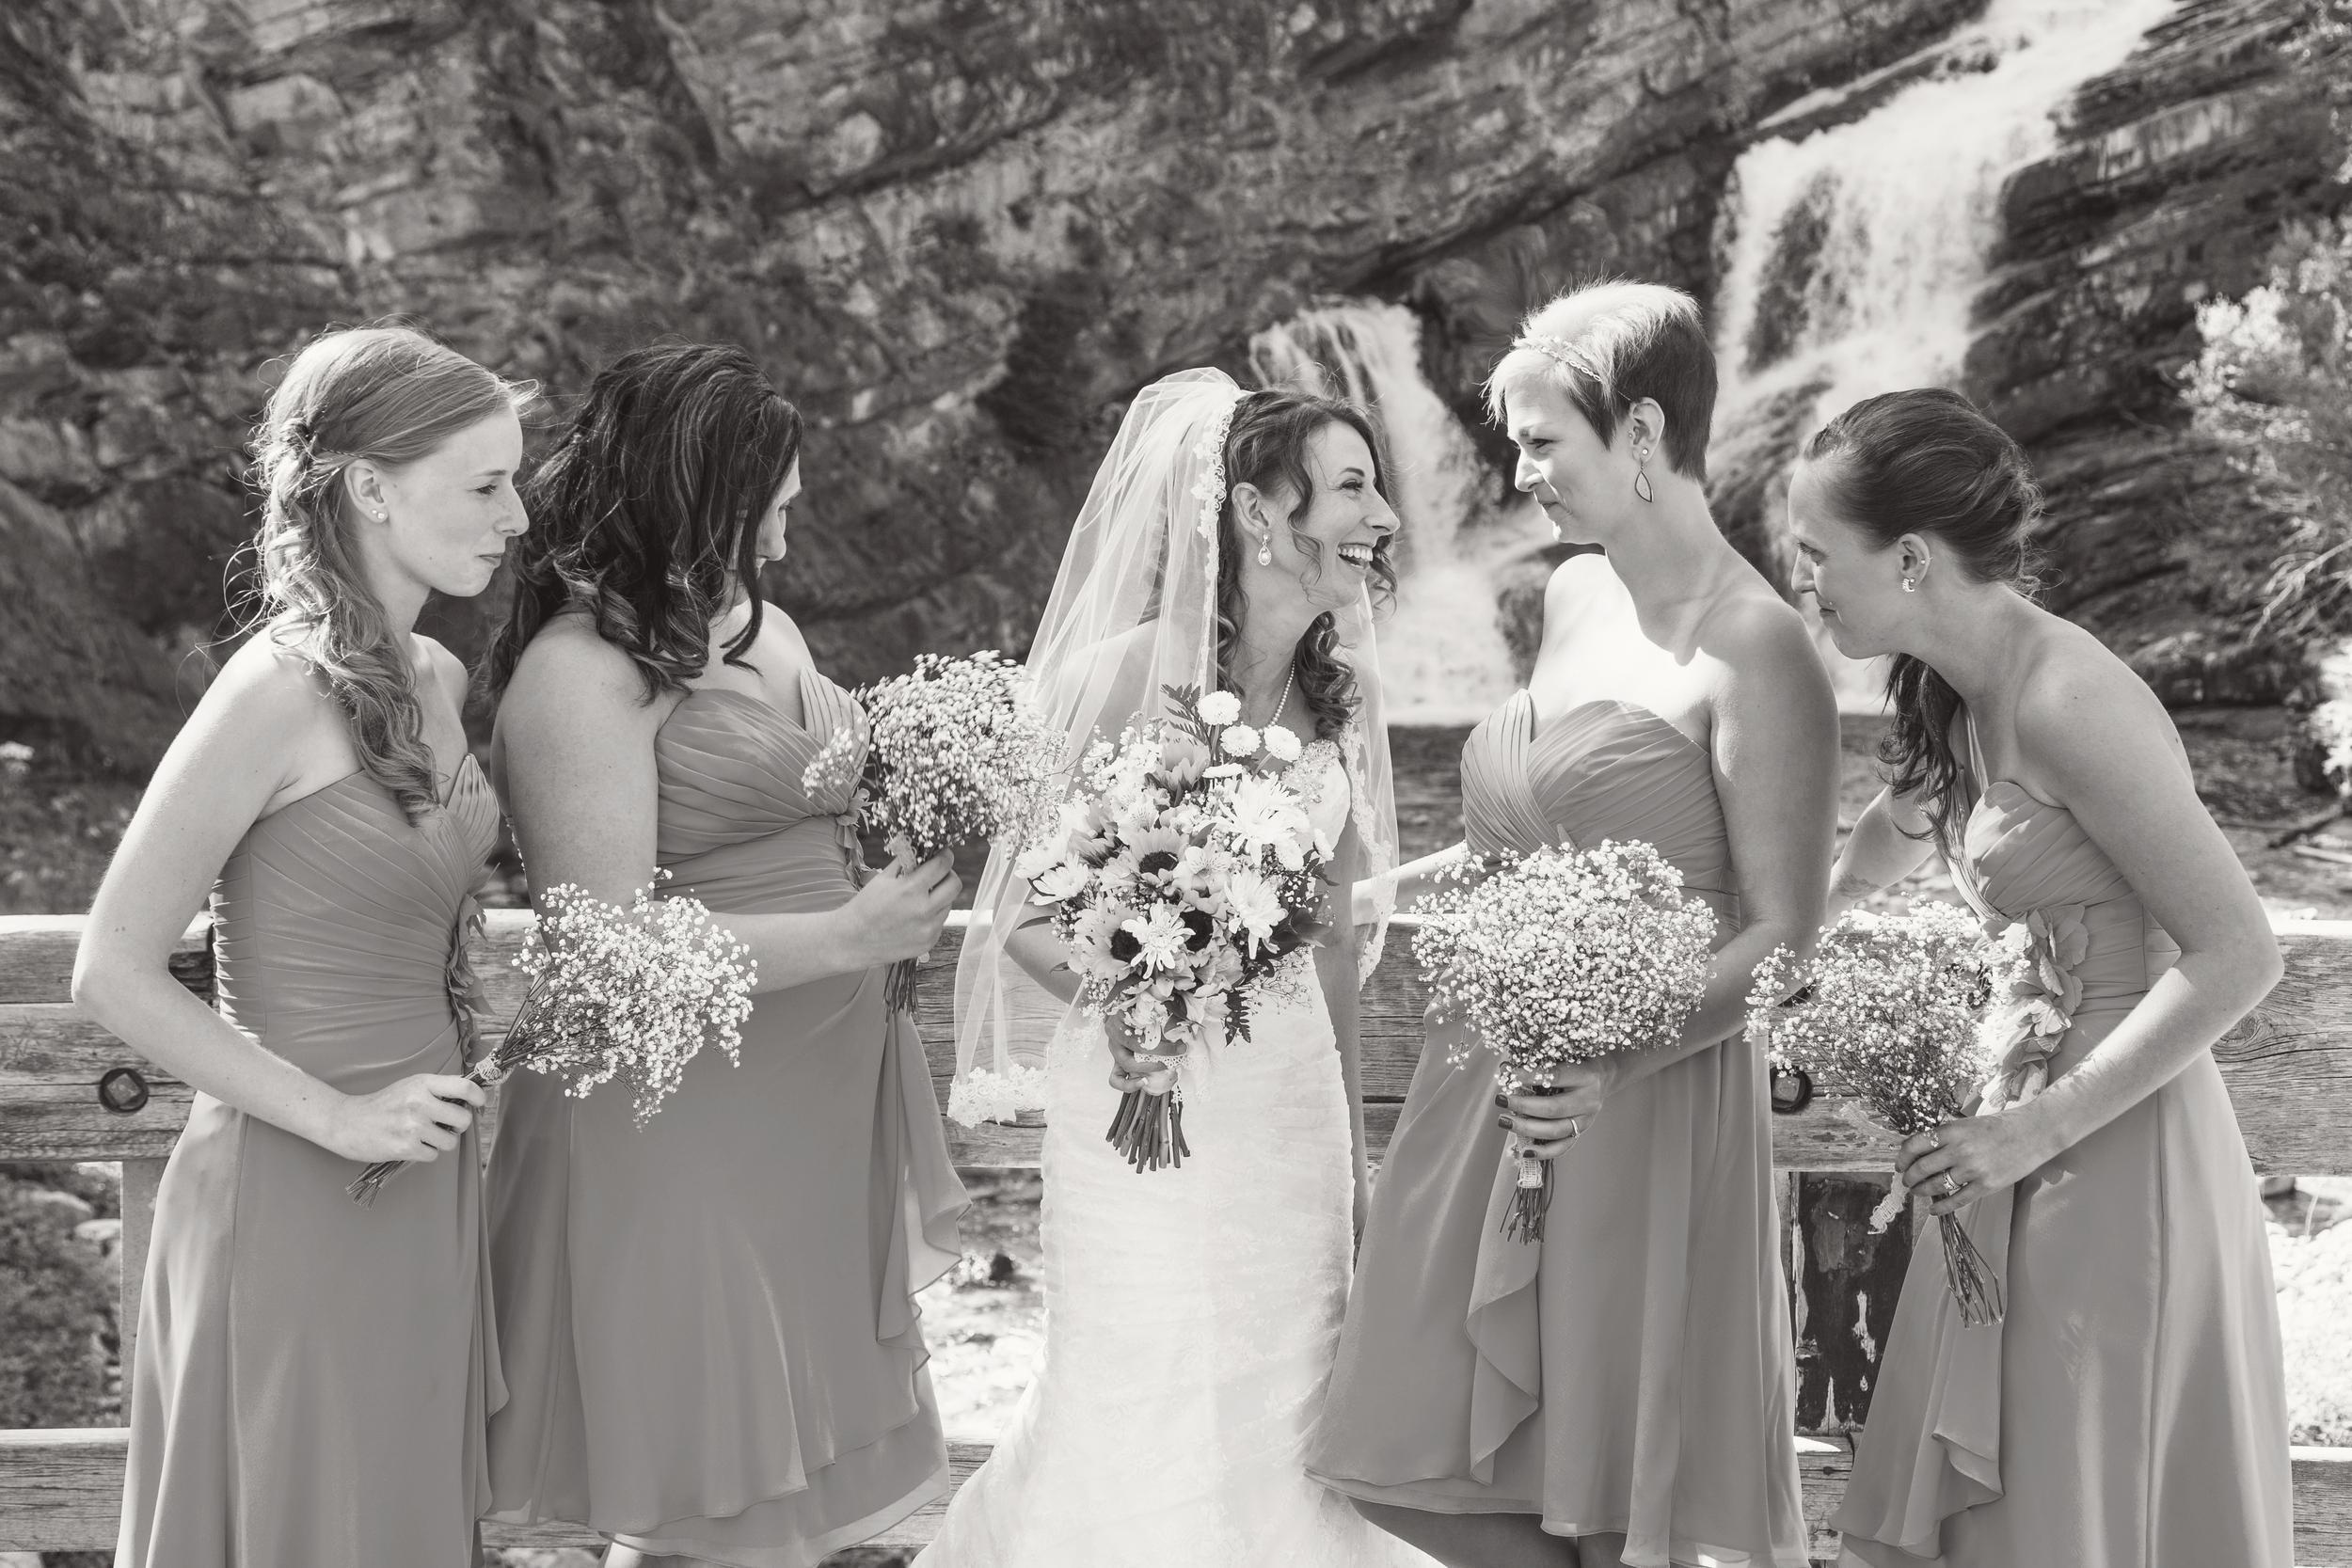 TJ_Wedding_305_bw.jpg